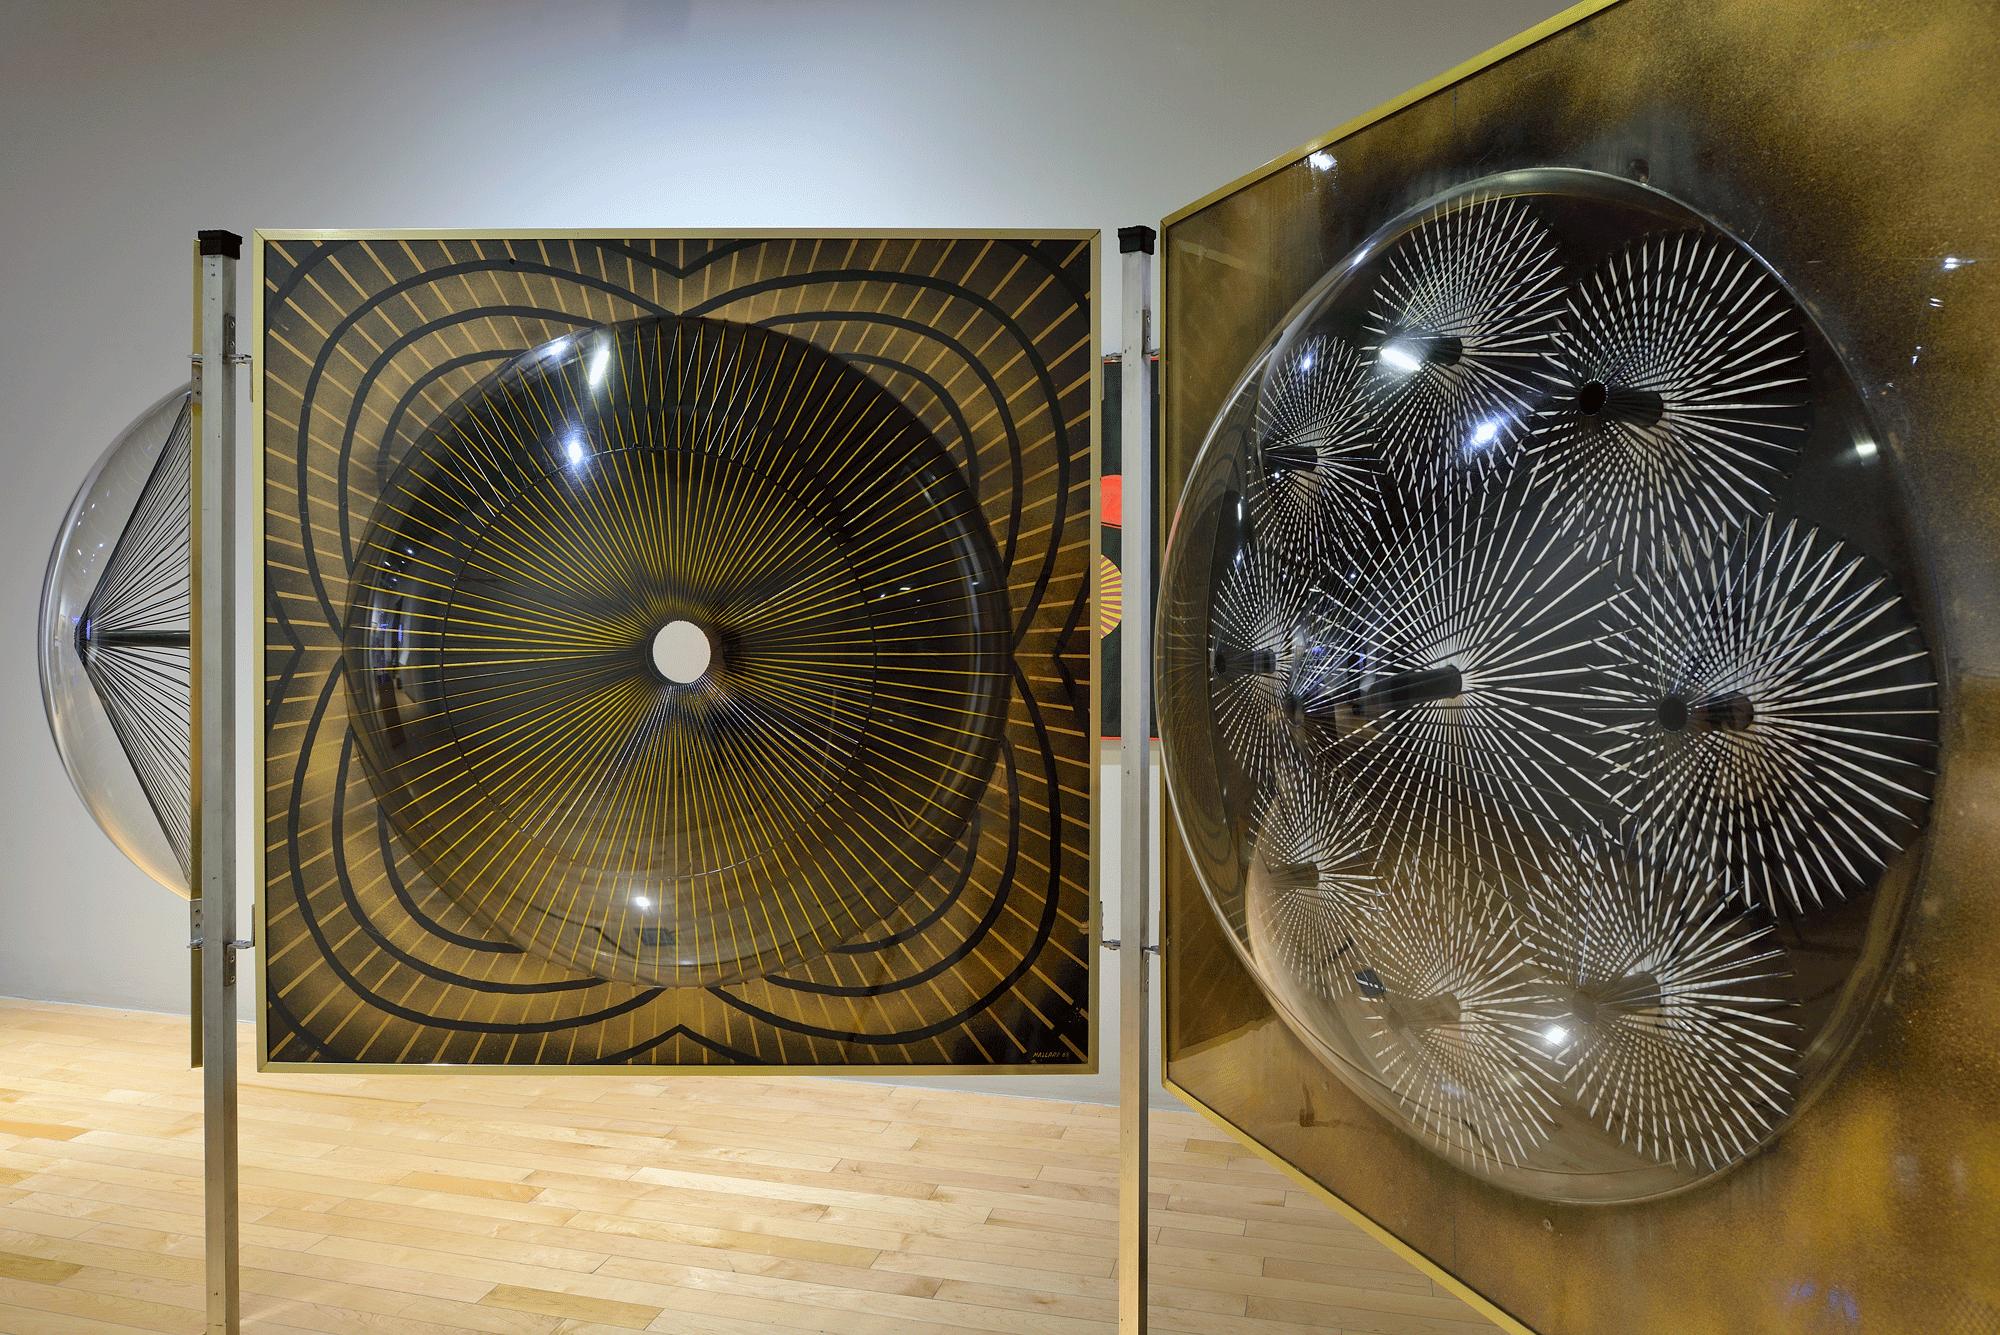 Heliogonía (tríptico) | Un arte sin tutela: Salón Independiente en México, 1968-1971  | Museo Amparo, Puebla